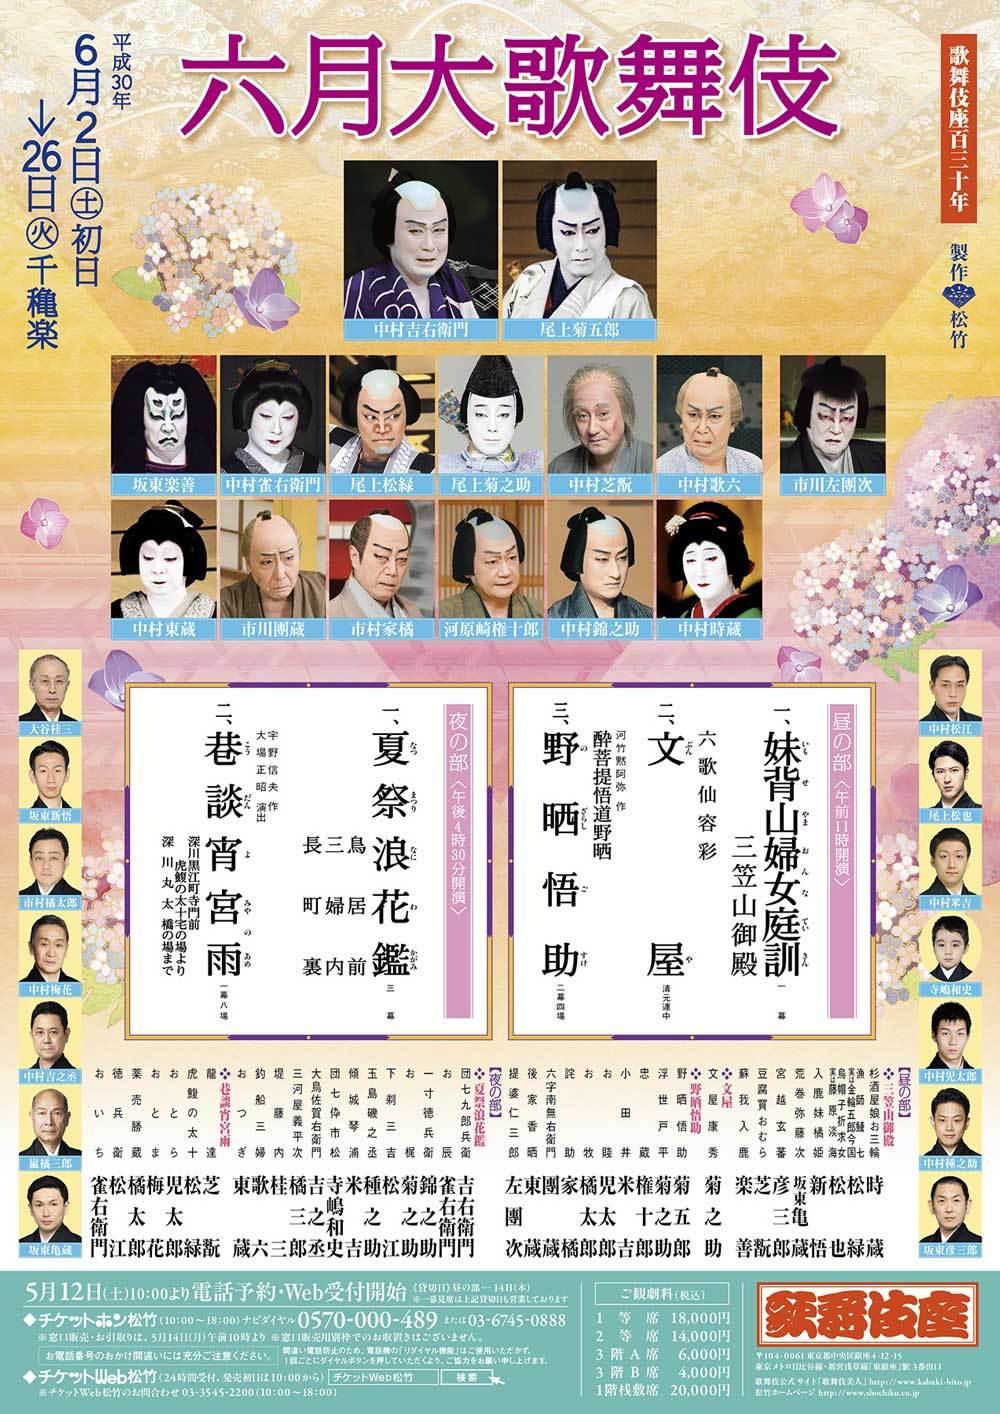 kabukiza_201806_ffl_4607bdc5b23519f7a86e5b5c794266fb.jpg